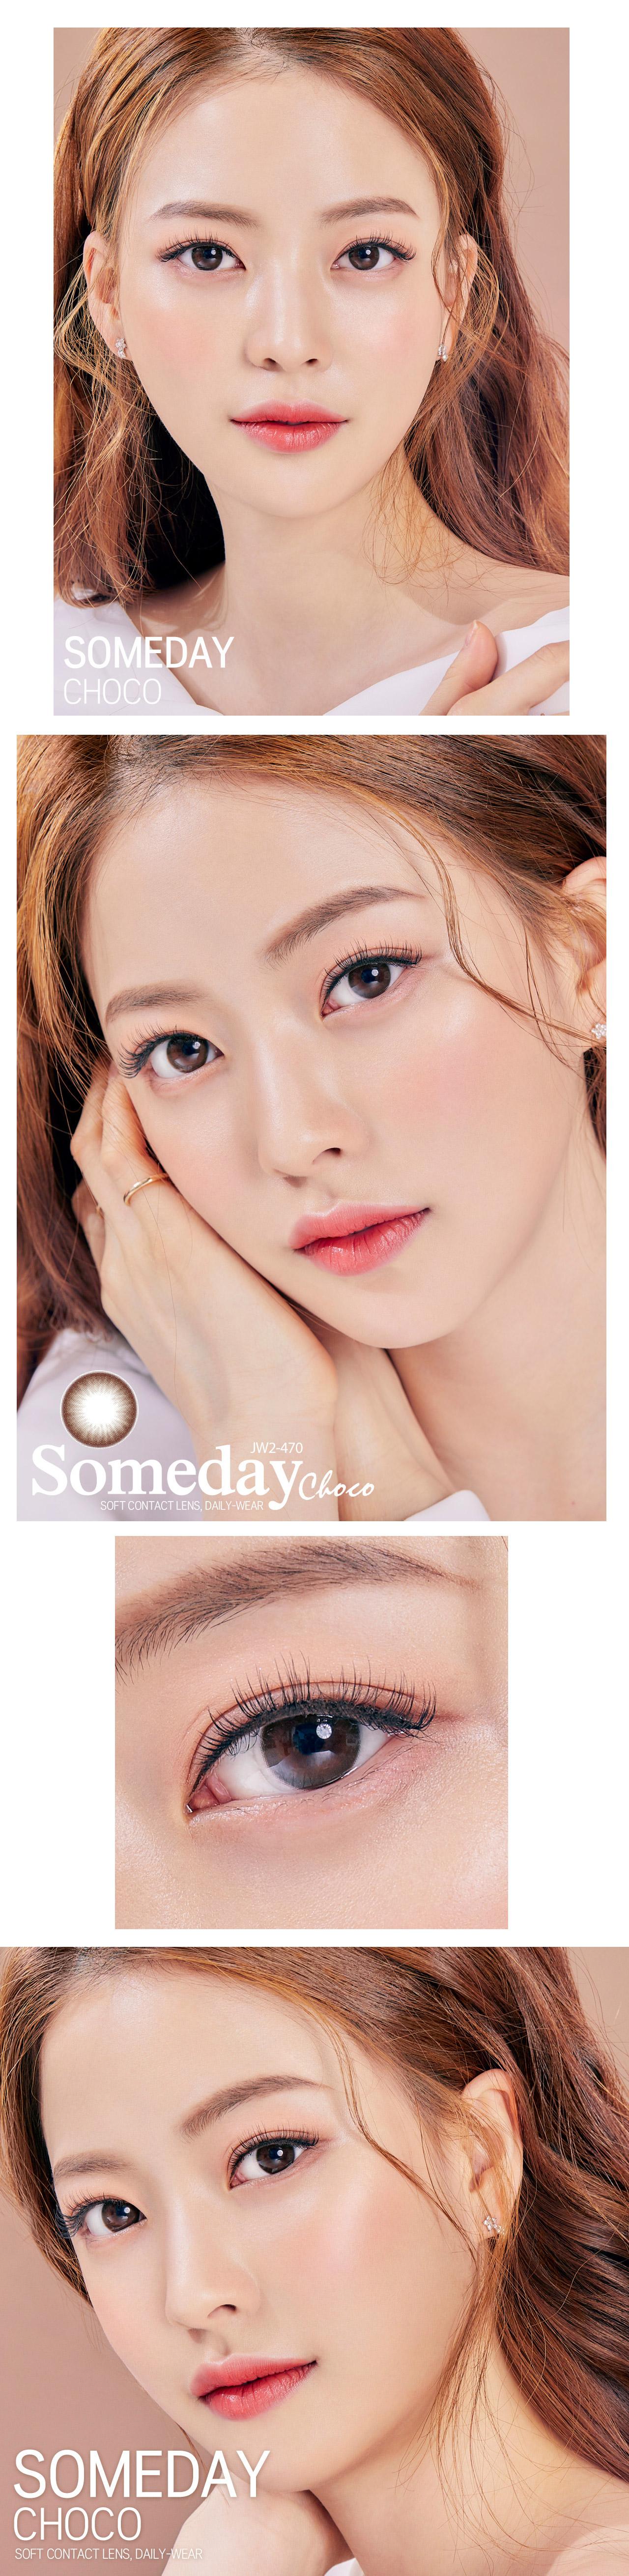 somedaychoco2.jpg